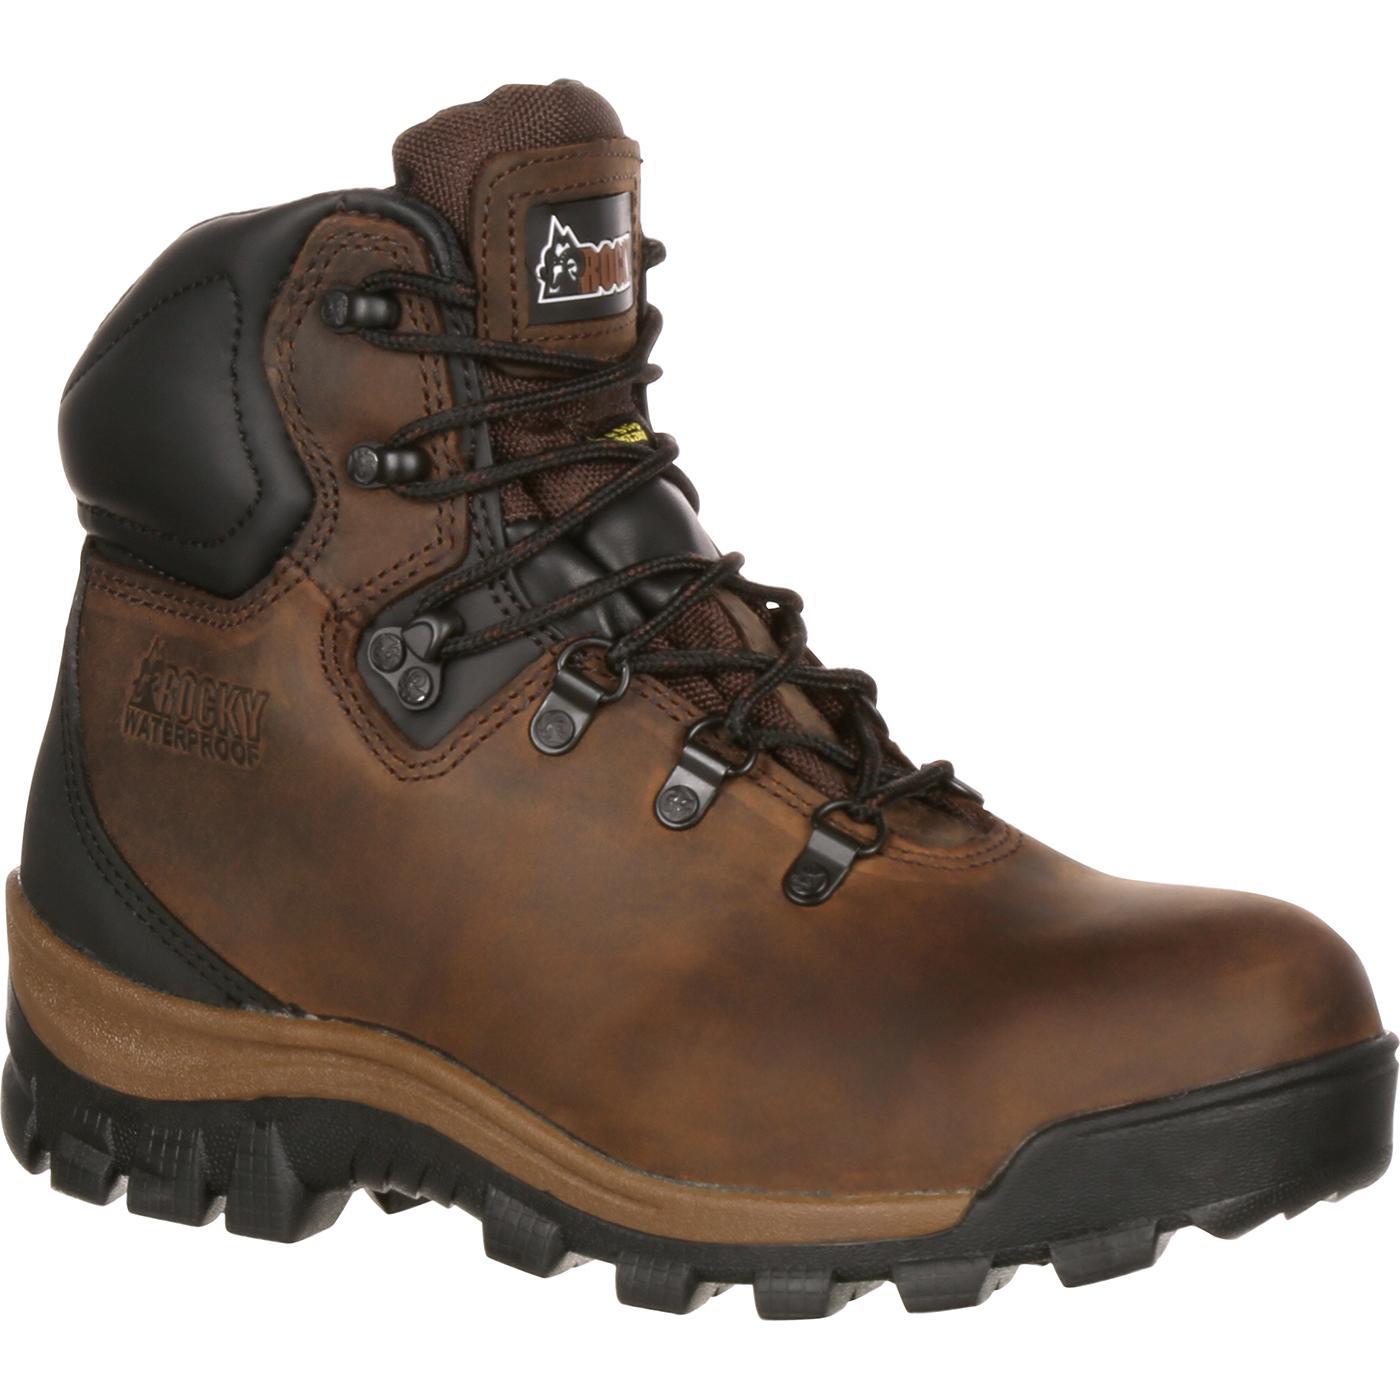 1fde4f0a1f9 Rocky Core Women's Steel Toe Waterproof Work Hiker